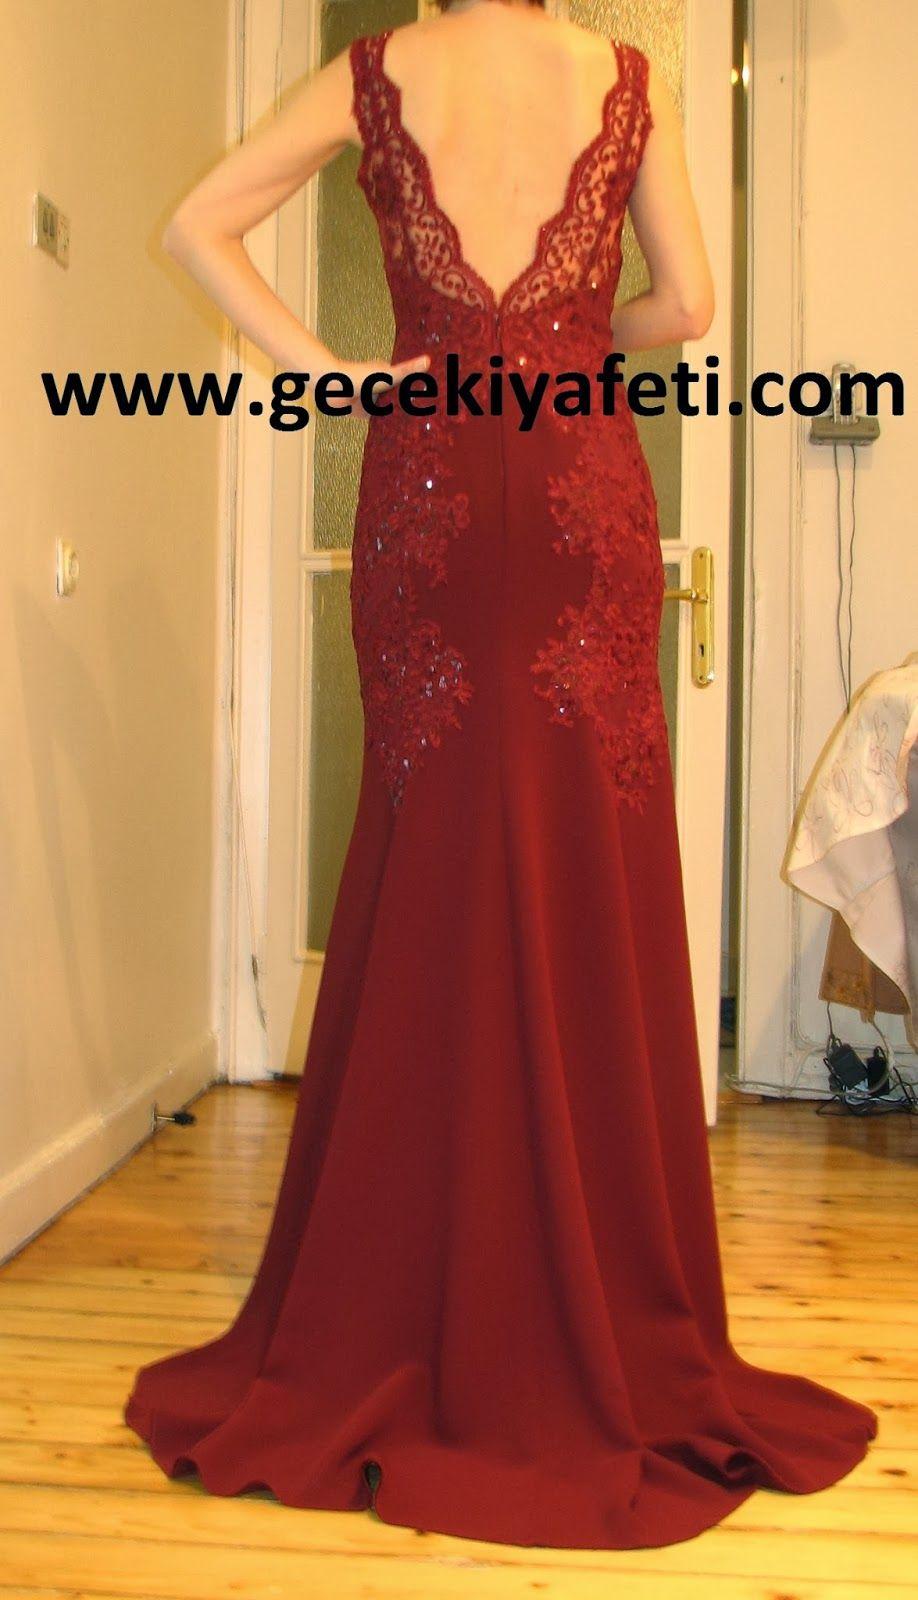 80707f4a501f2 Şarap Rengi Gece Elbisesi - Özel Tasarım ~ Gece Elbiseleri   Abiye Elbise    Gelinlik Modelleri